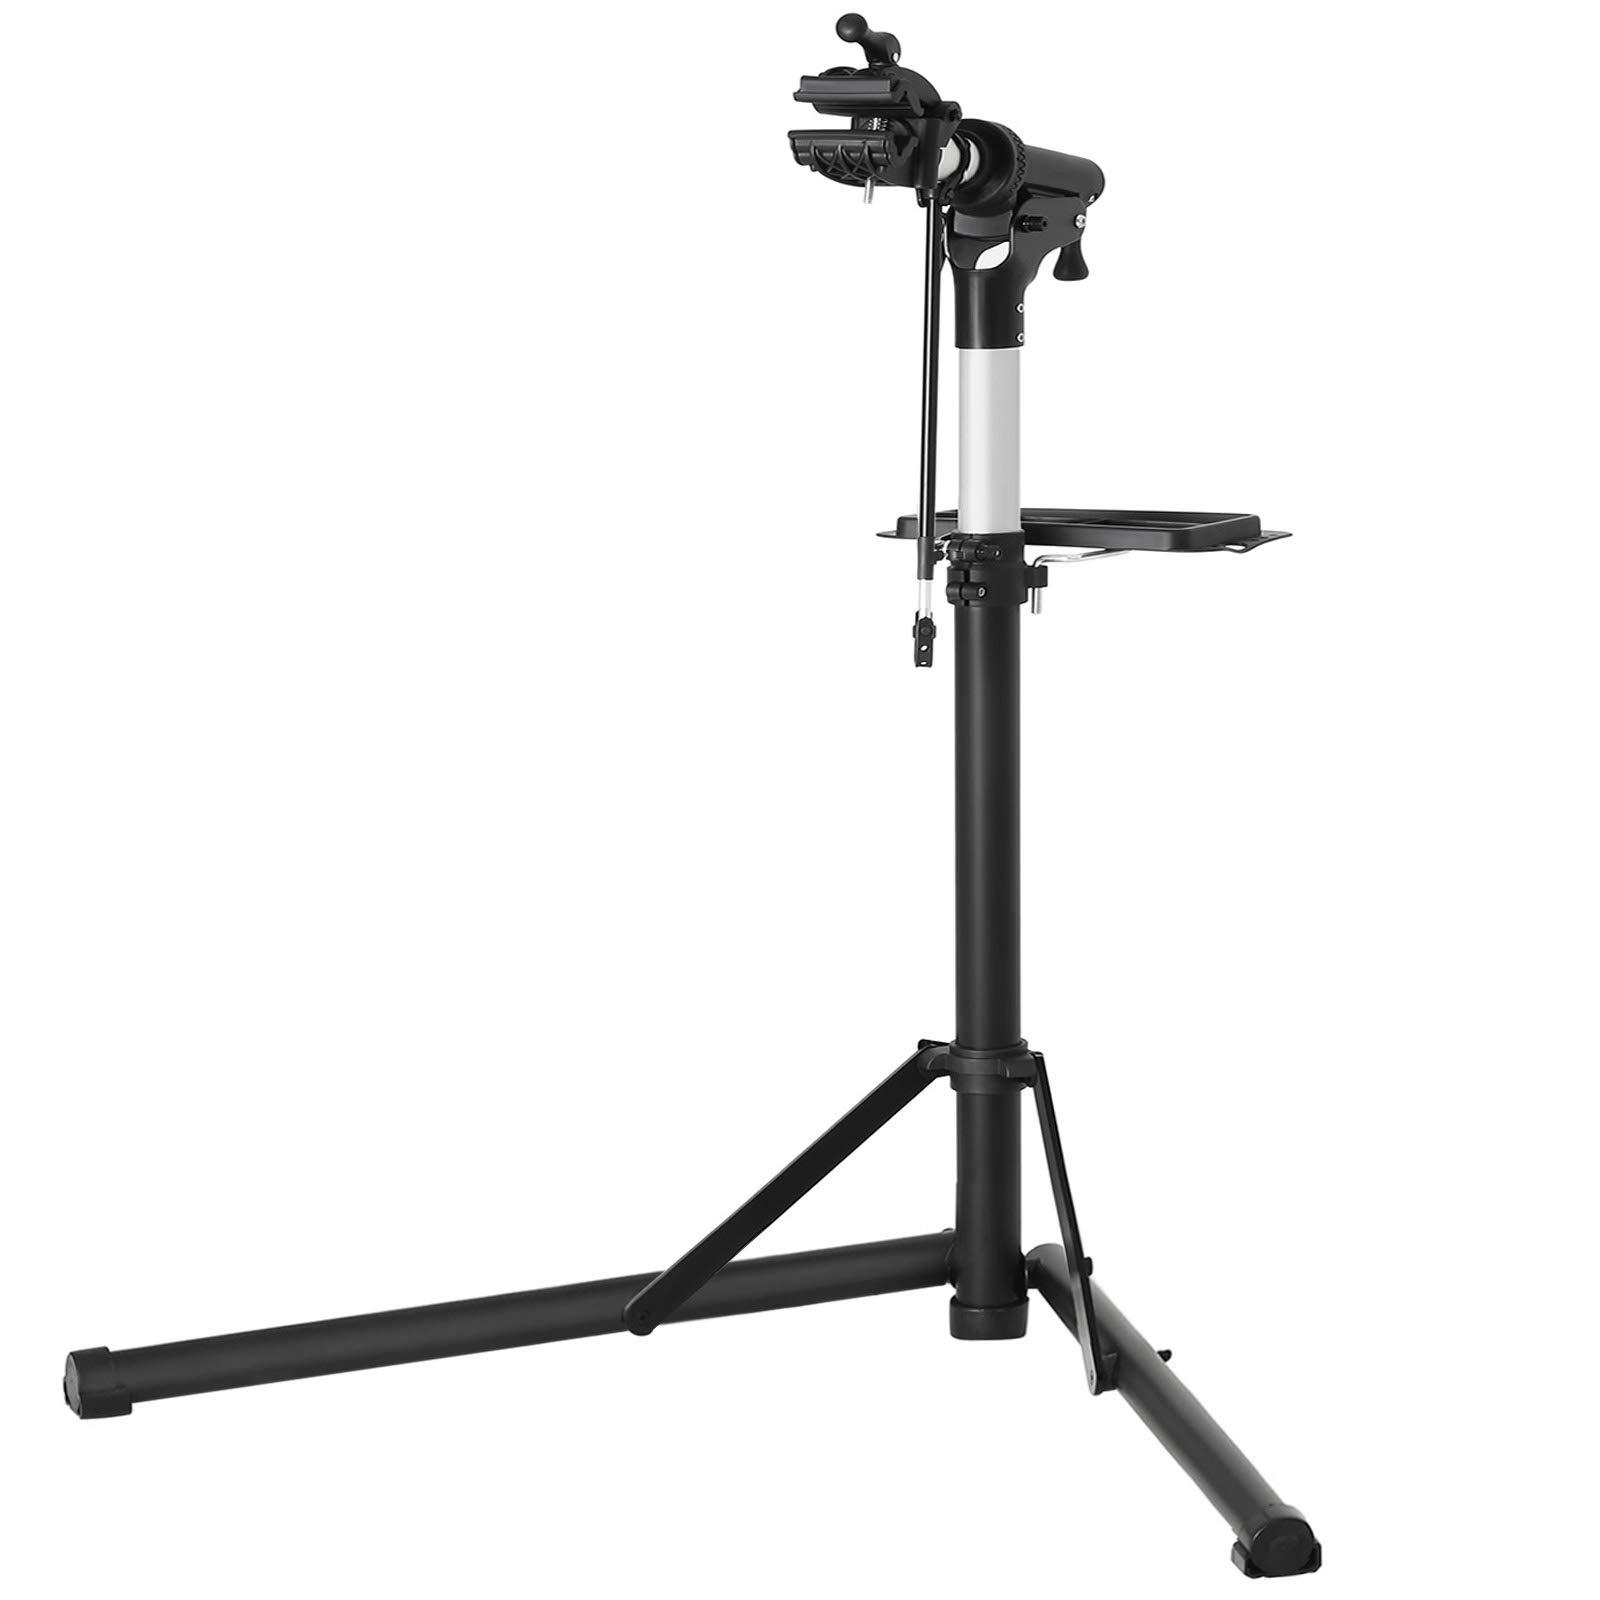 SONGMICS Repair Stand Portable USBR04B